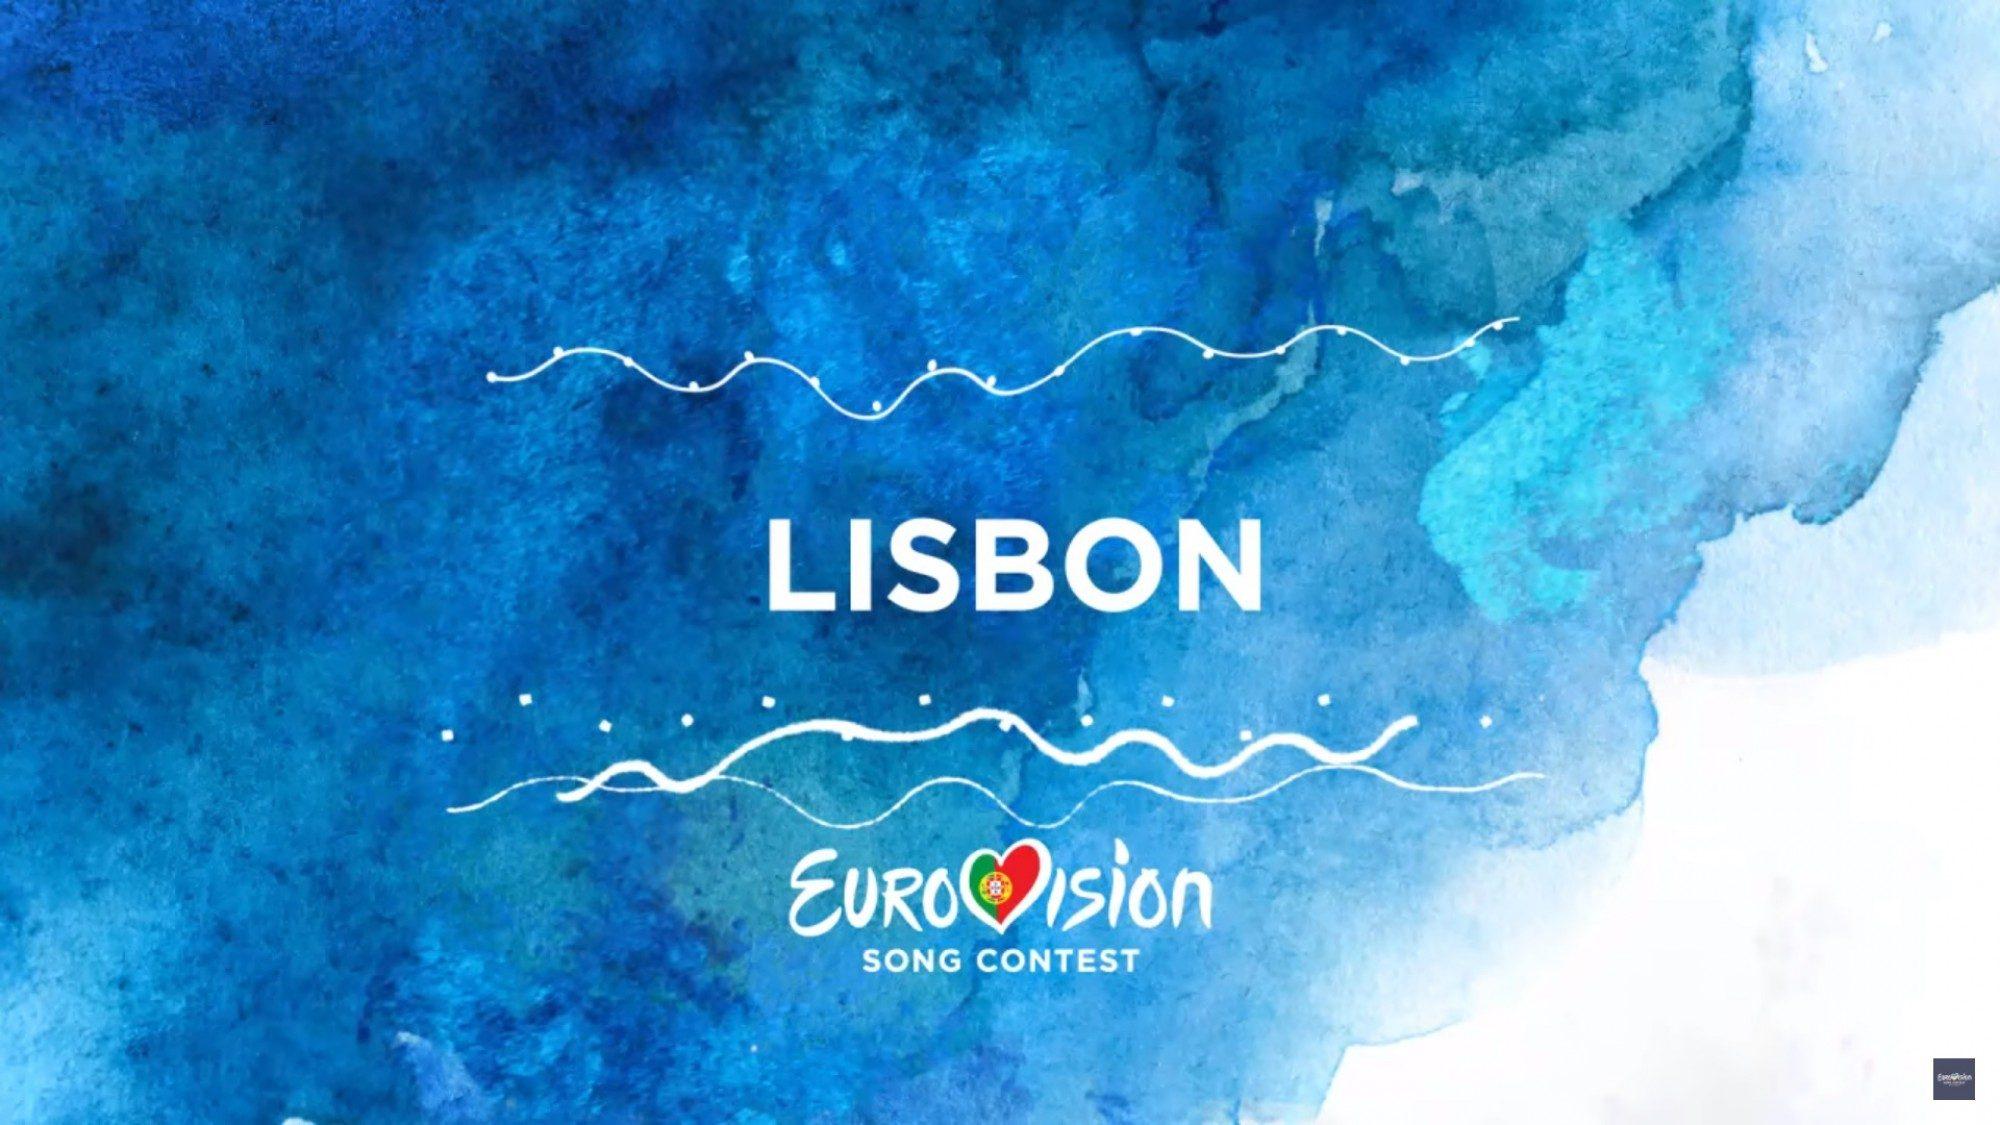 06082017_062700_eurovision-2018-lisbon-logo_grande-1